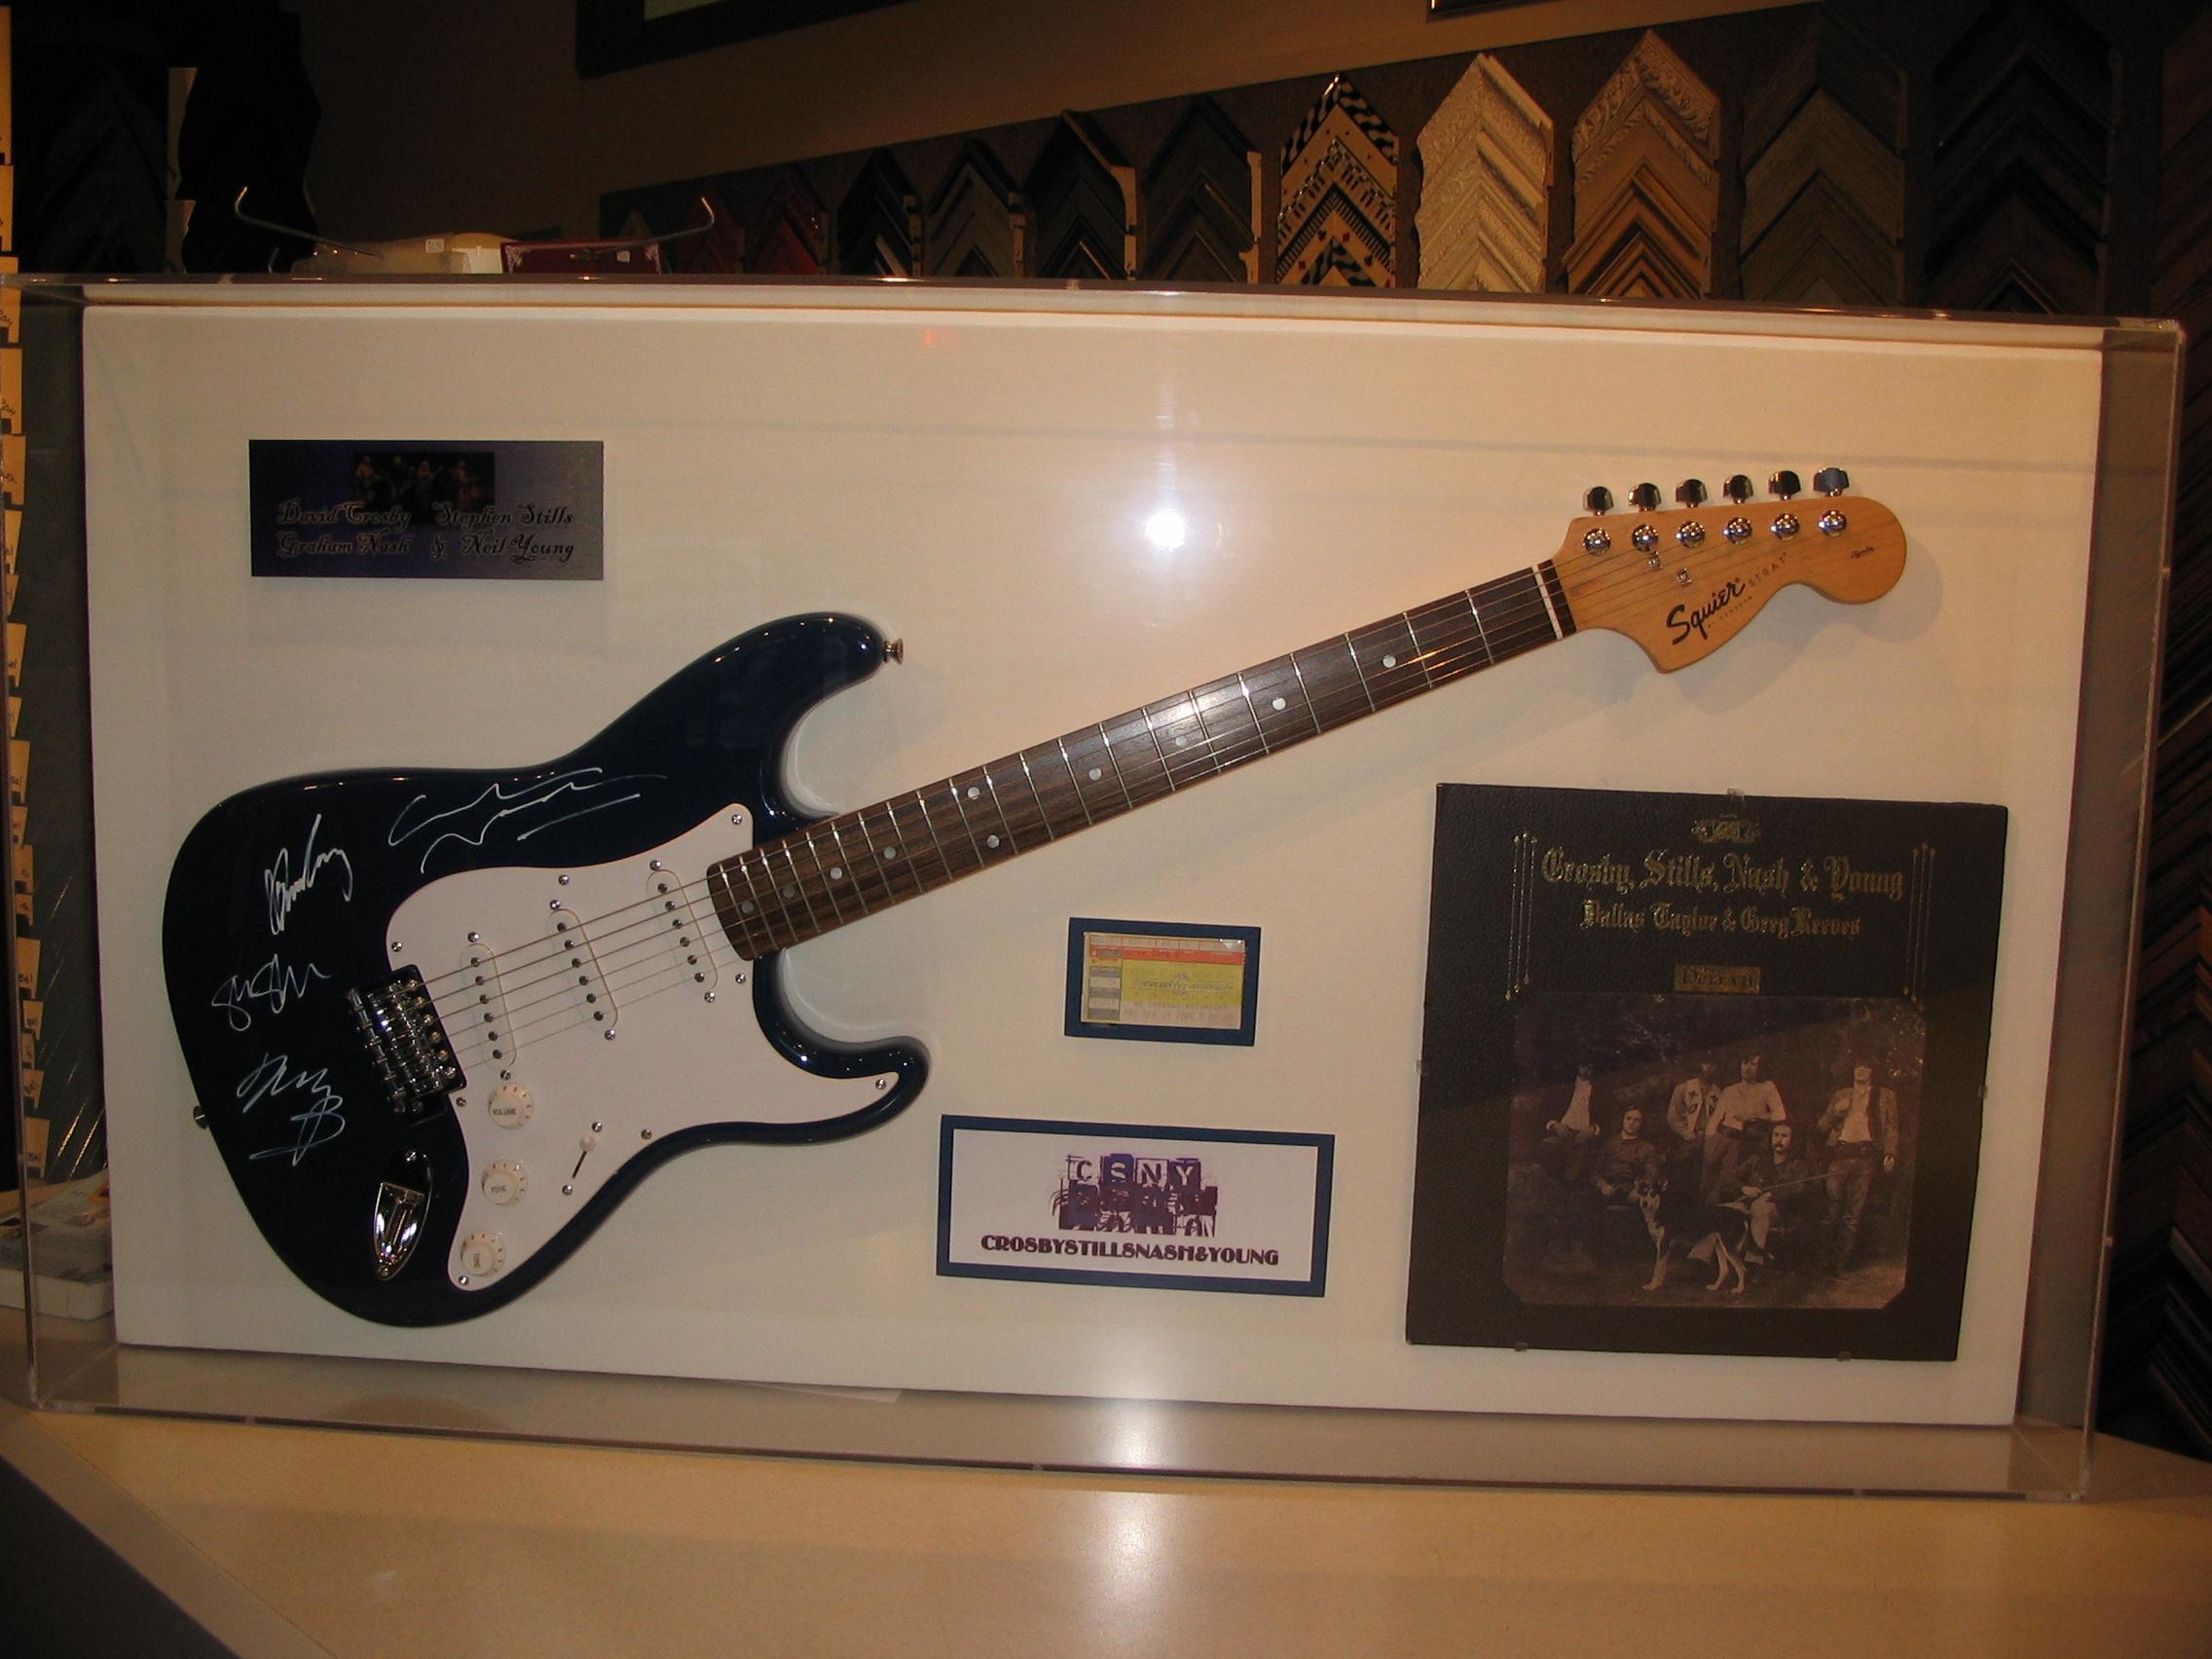 Guitar framed by The Framemakers